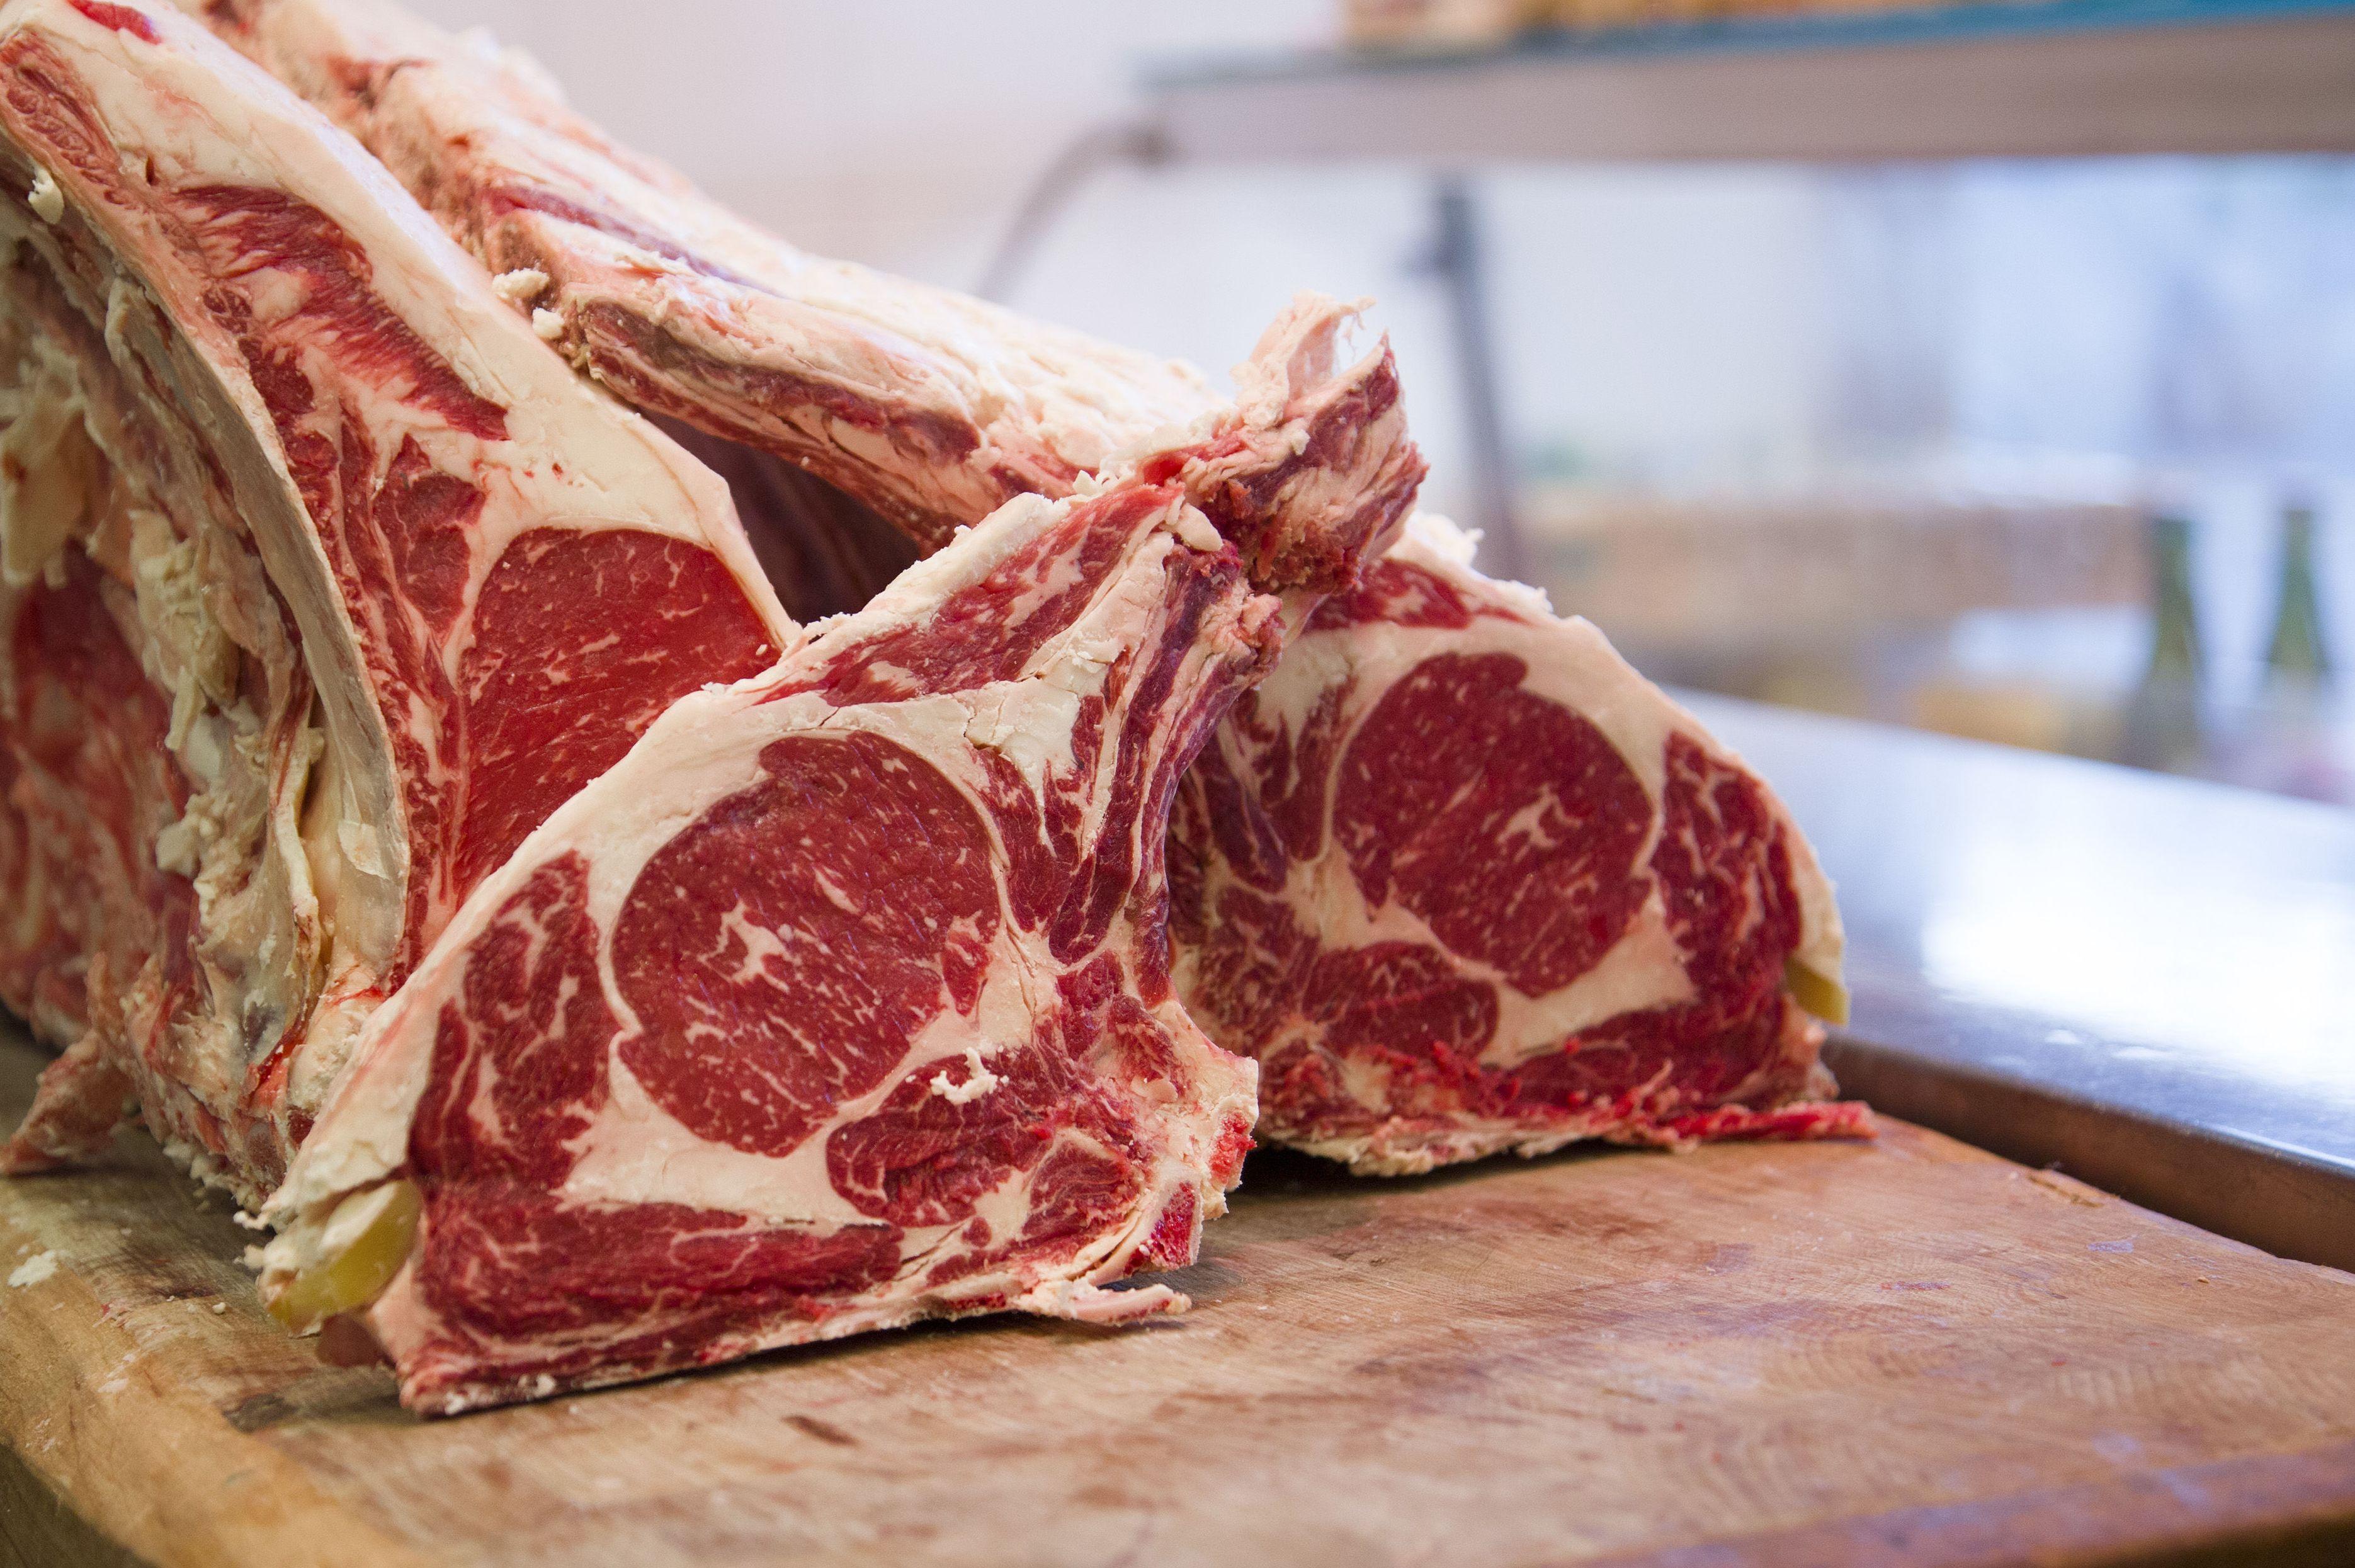 Auténtica carne de buey en Carnicería Isla, Santa María de Getxo